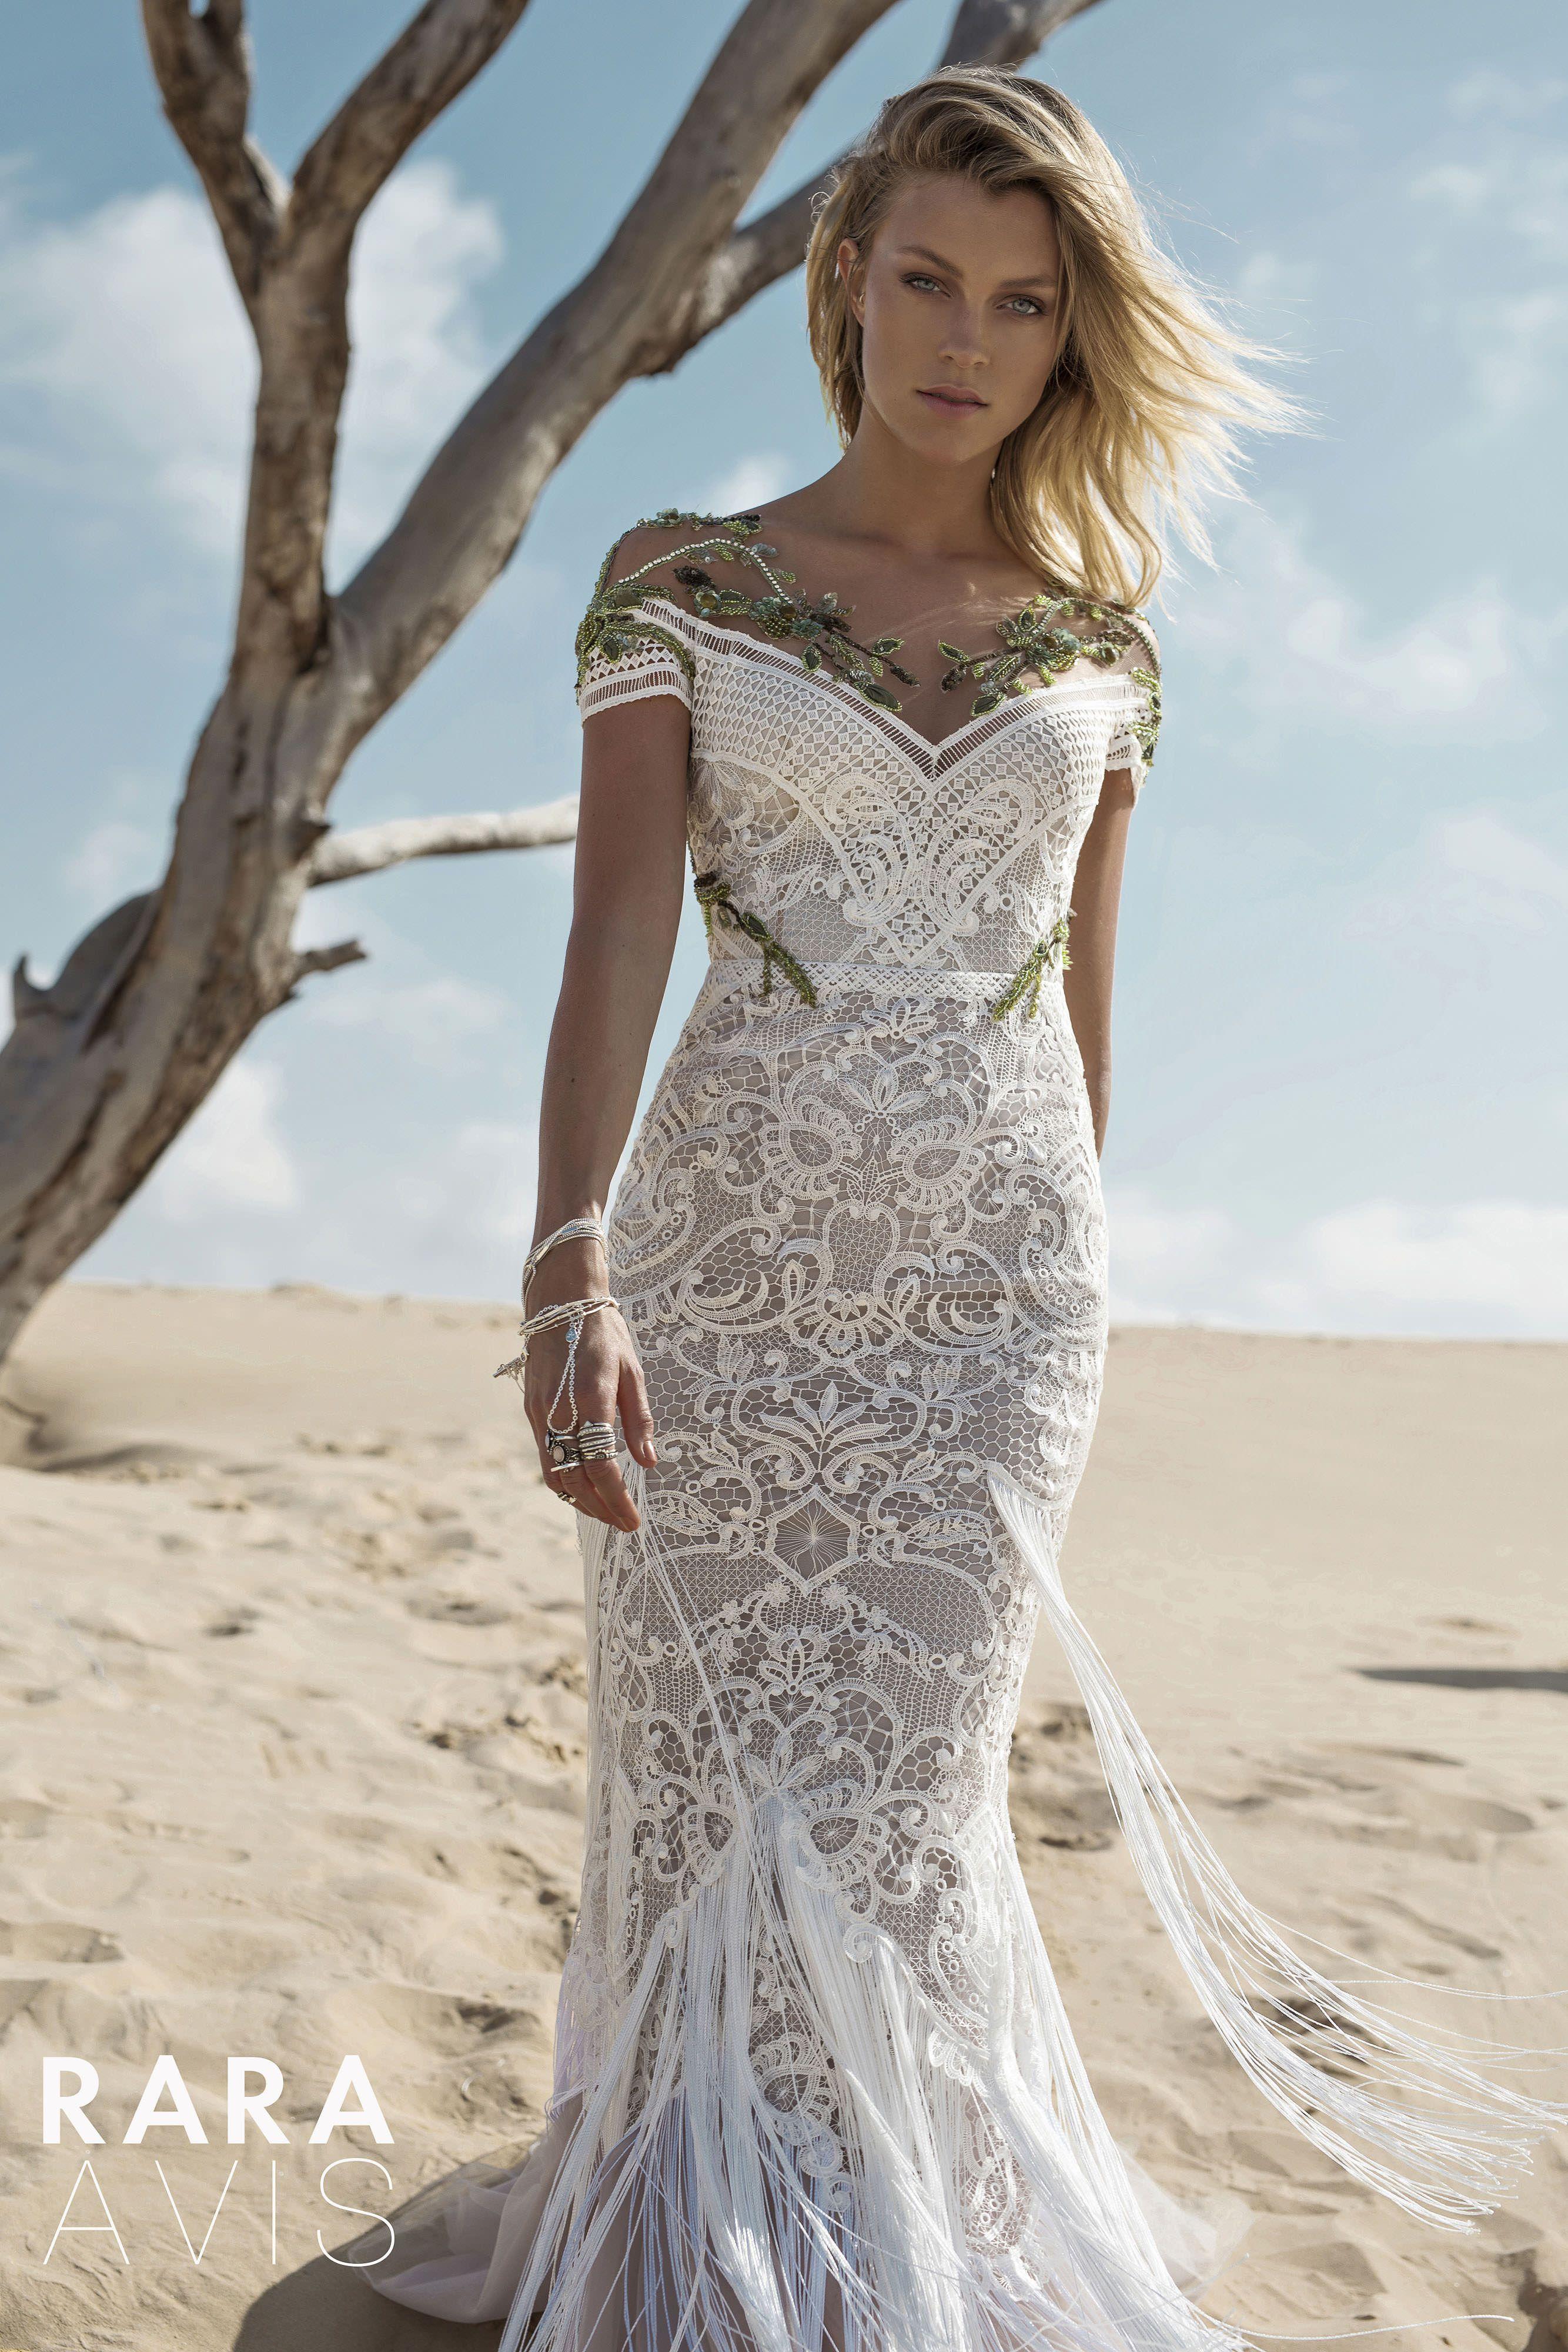 Wedding Gown Rara Avis Tirion Luxx Nova Long Train Wedding Dress Wedding Dress Train Etsy Wedding Dress